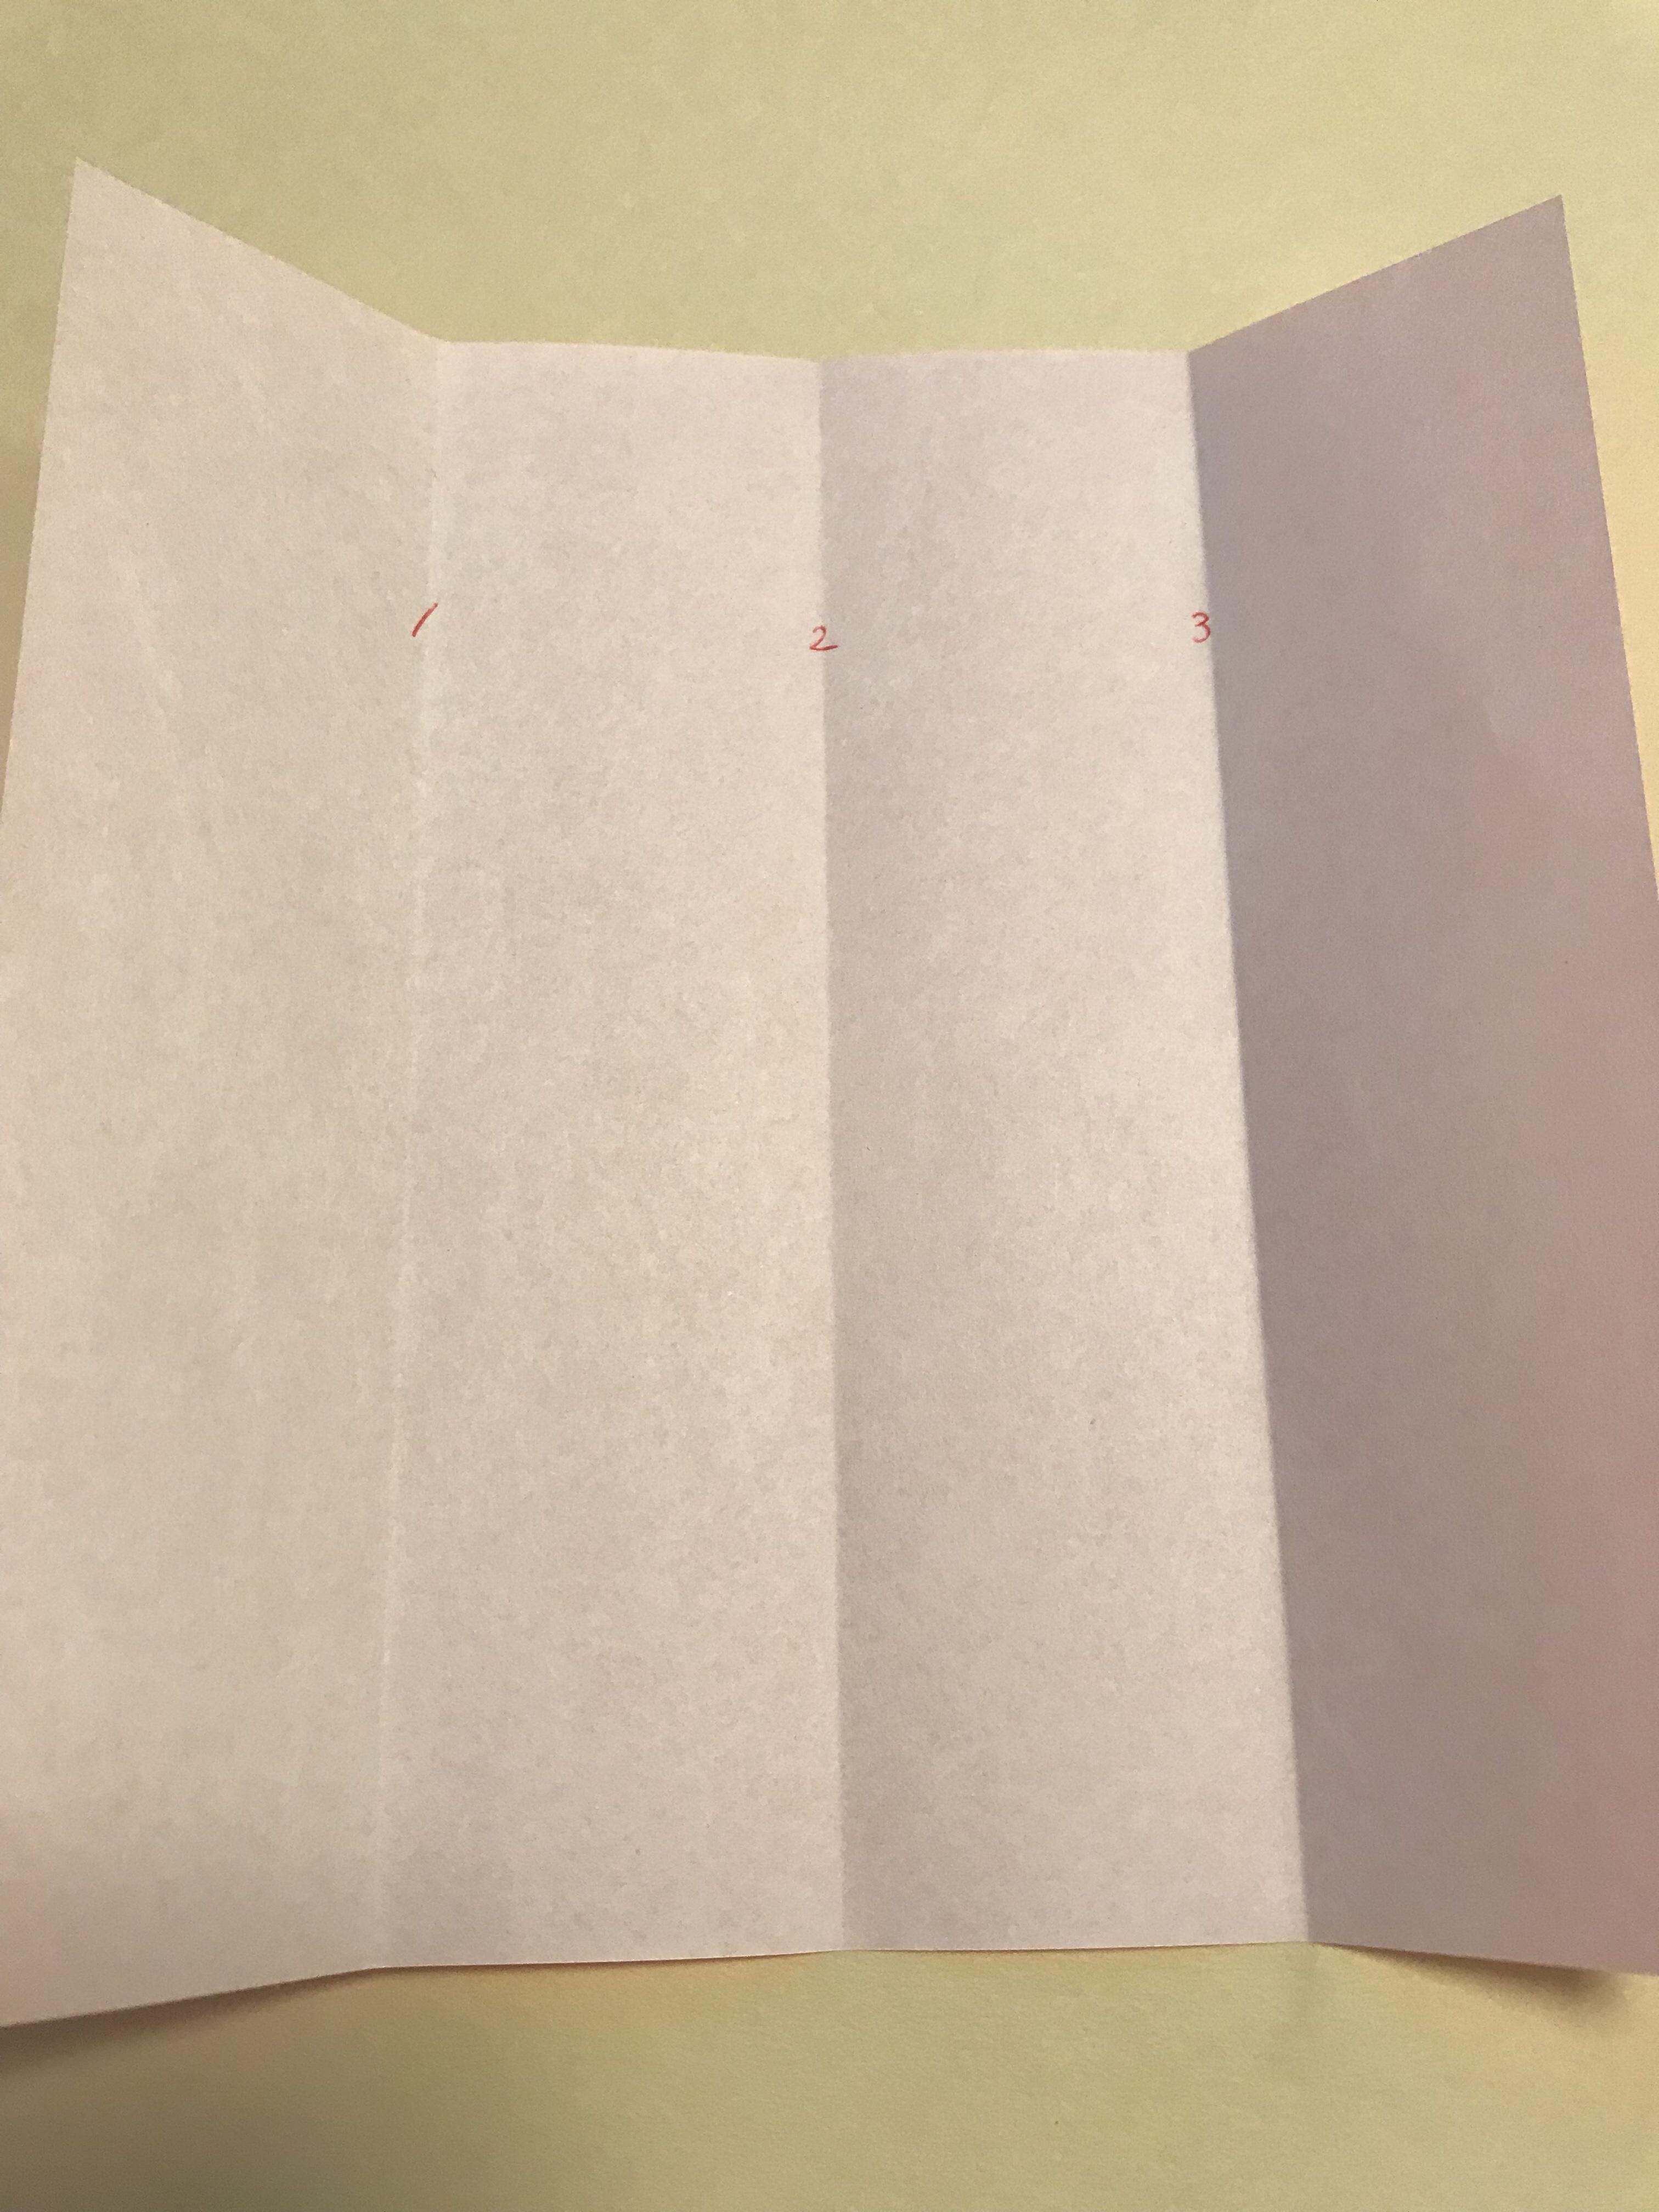 折り線のところに番号が振られている図。